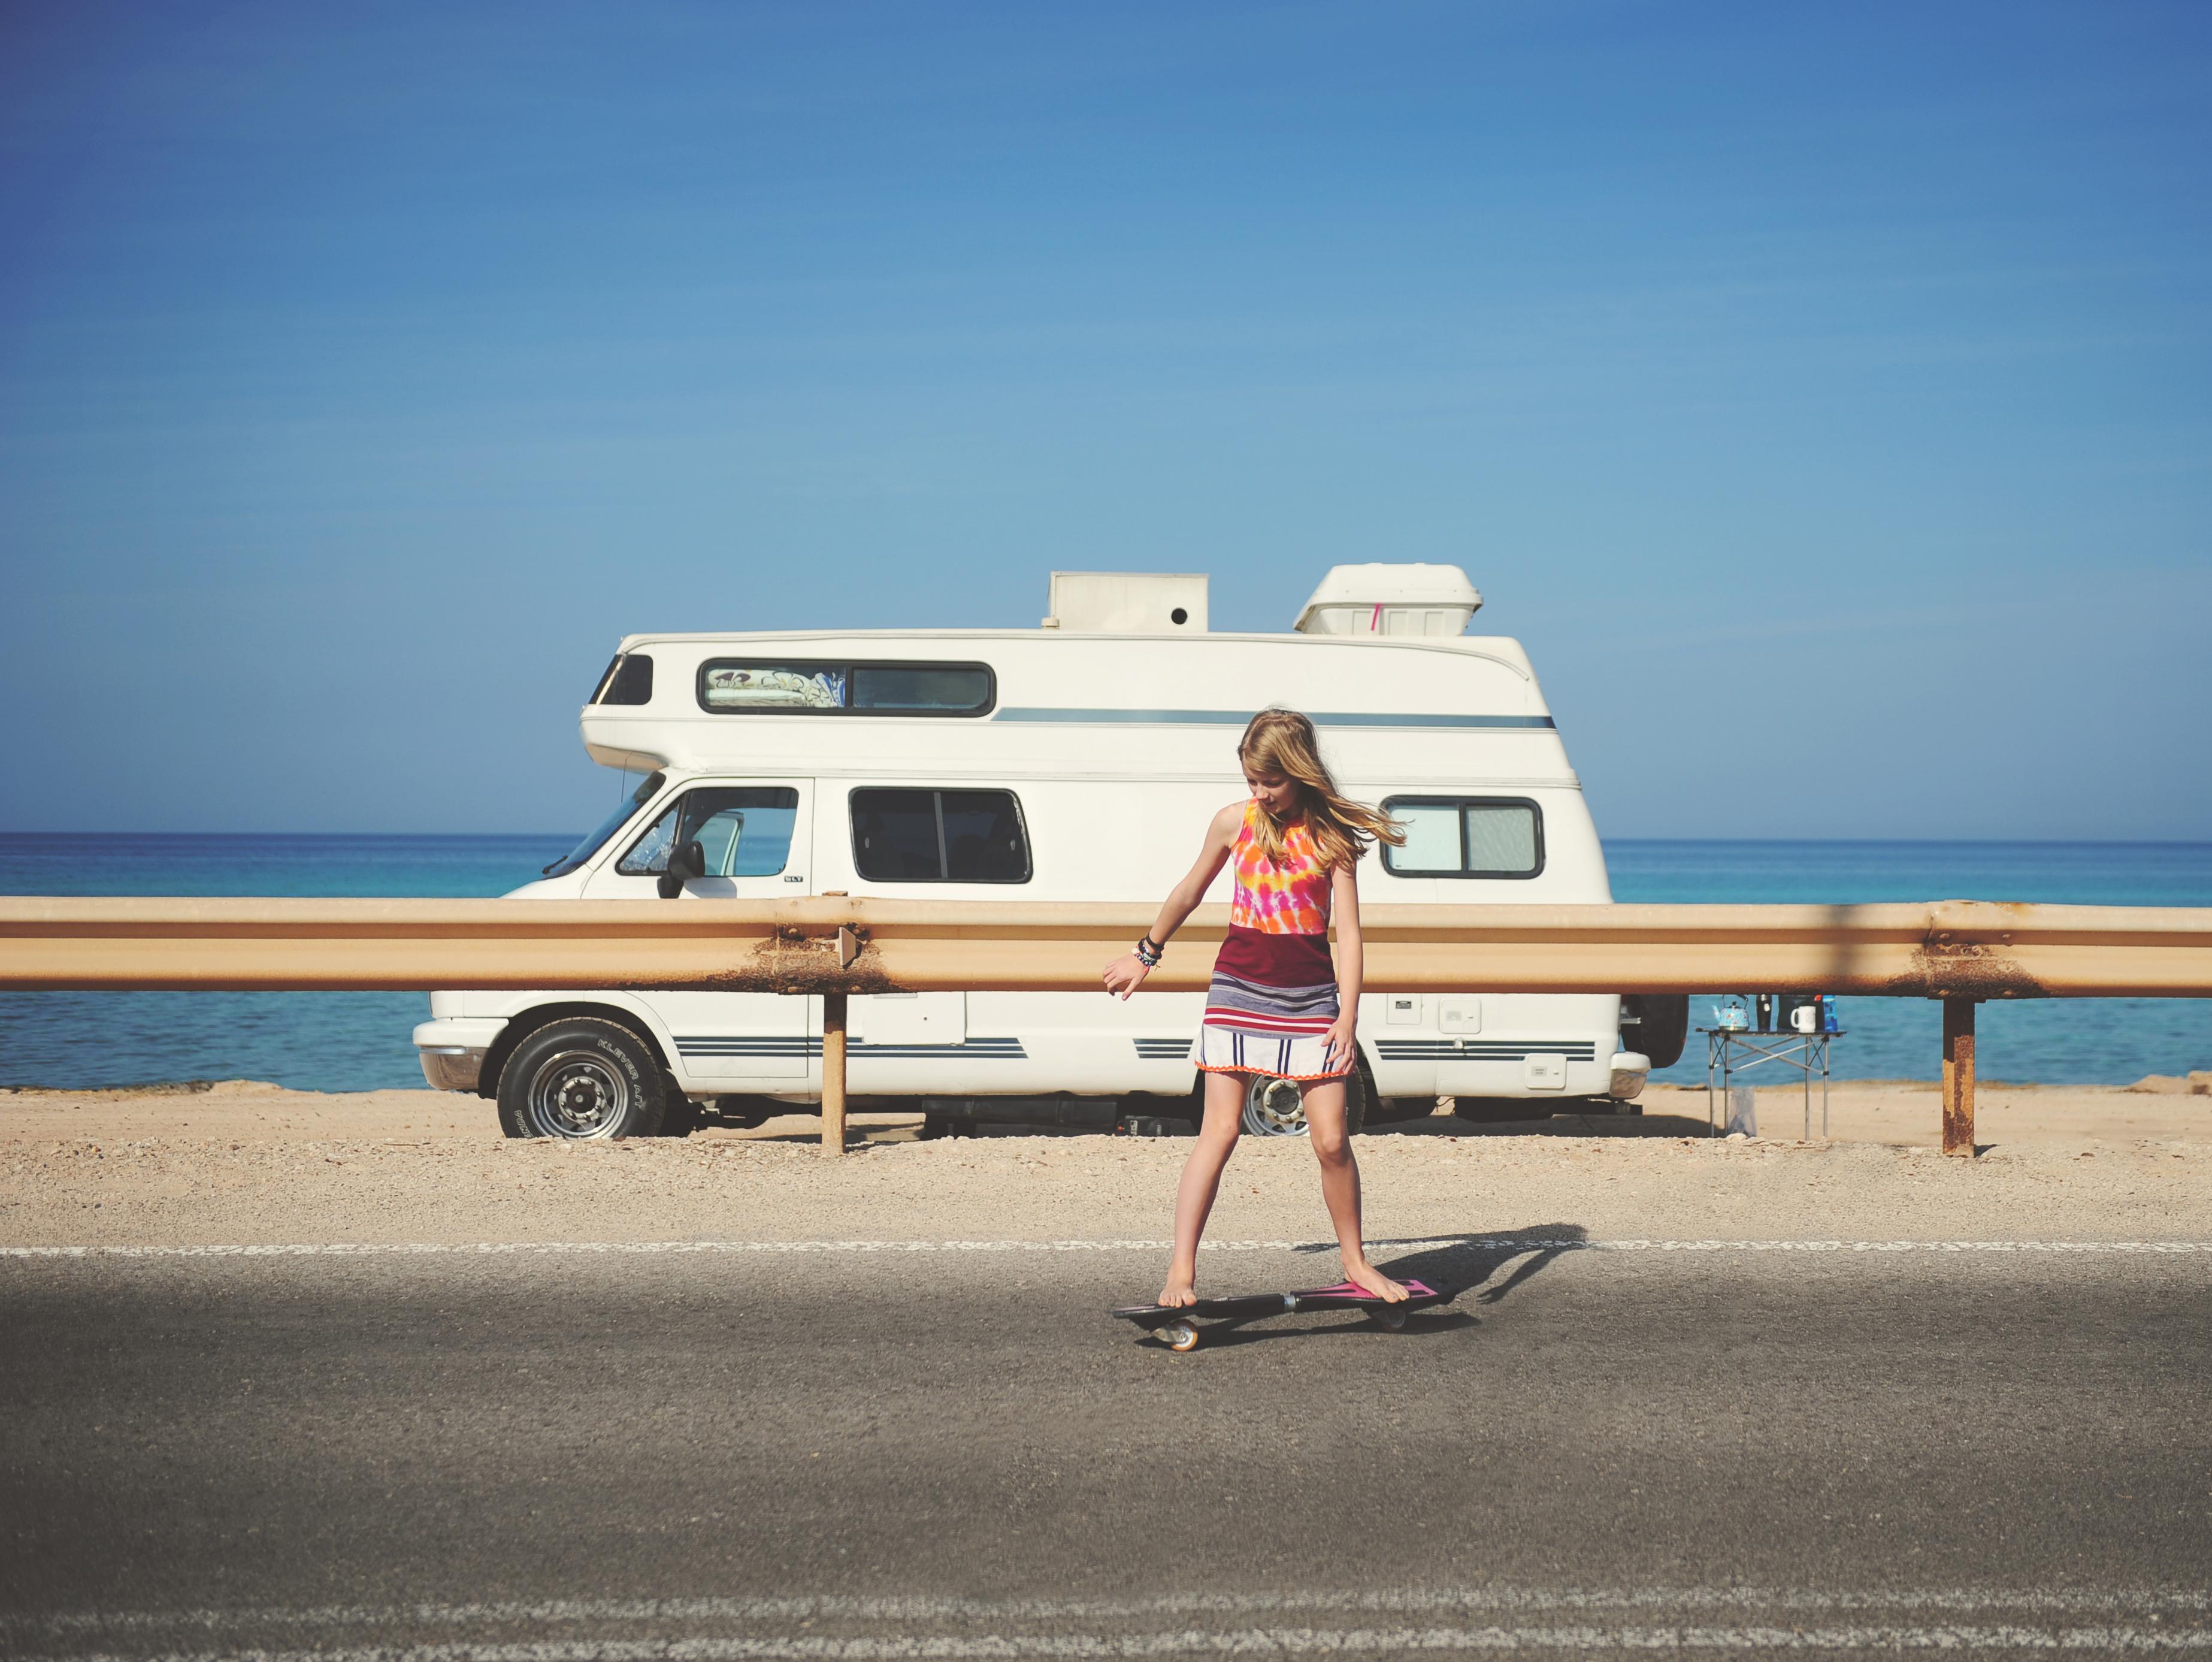 Kirsty Larmour_Open Roads_Delma Island UAE_week 7